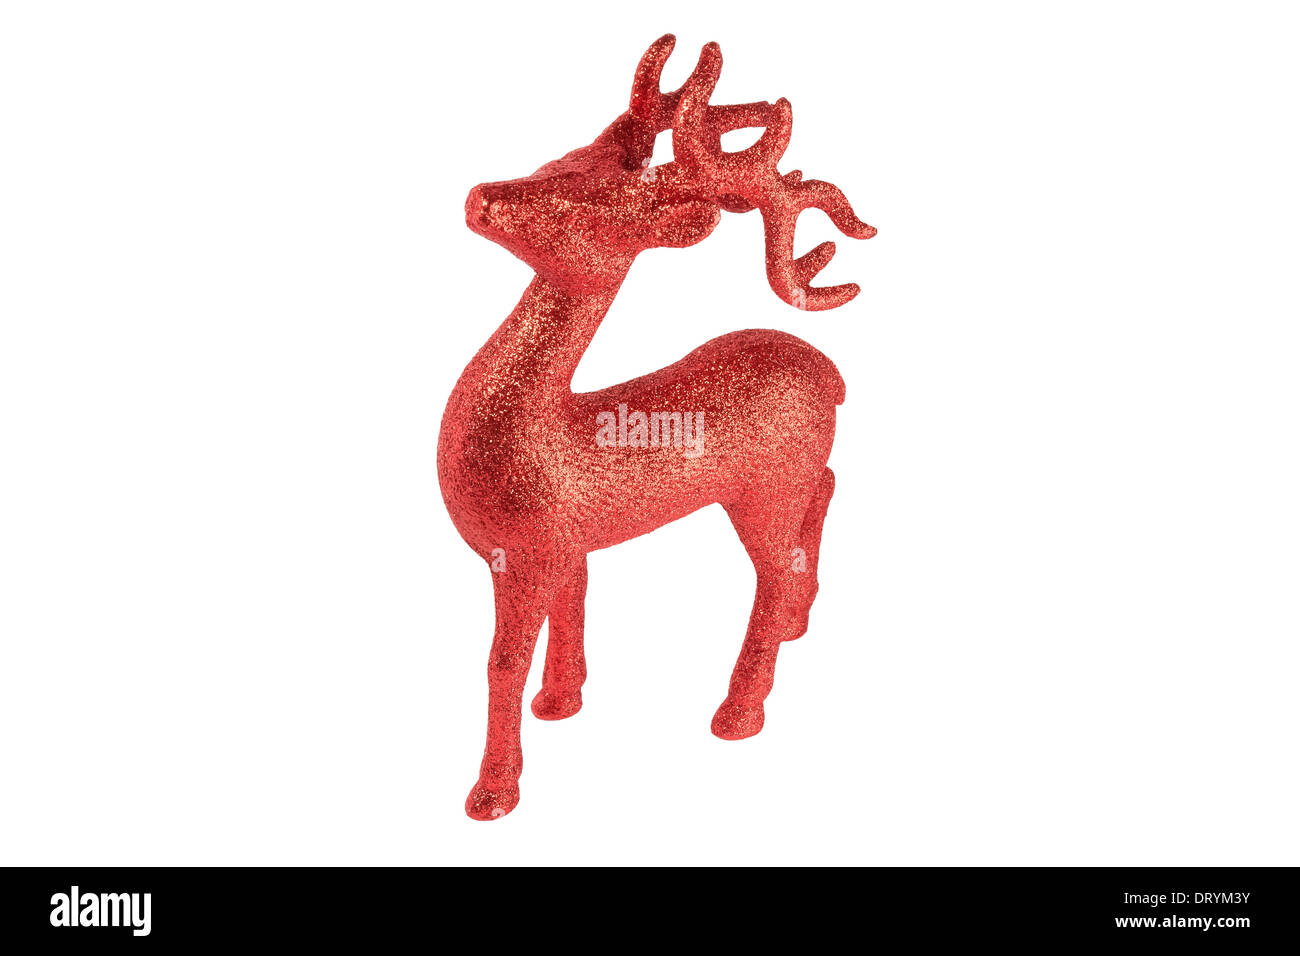 Los renos de Santa Claus para Navidad u otro importante festival ...